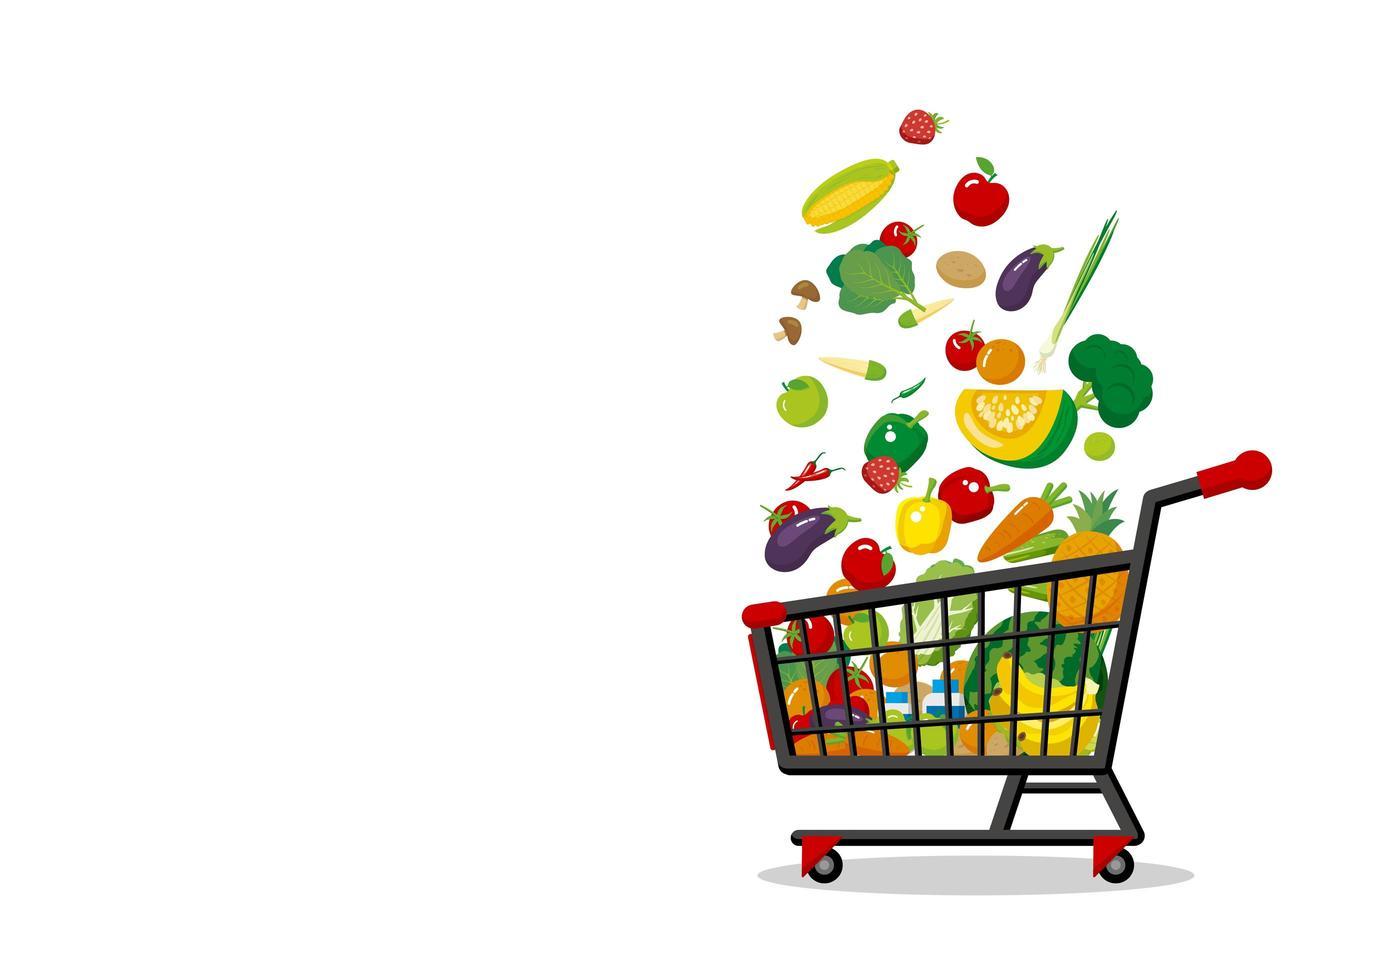 Carrinho De Compras Com Frutas E Legumes Download Vetores Gratis Desenhos De Vetor Modelos E Clipart